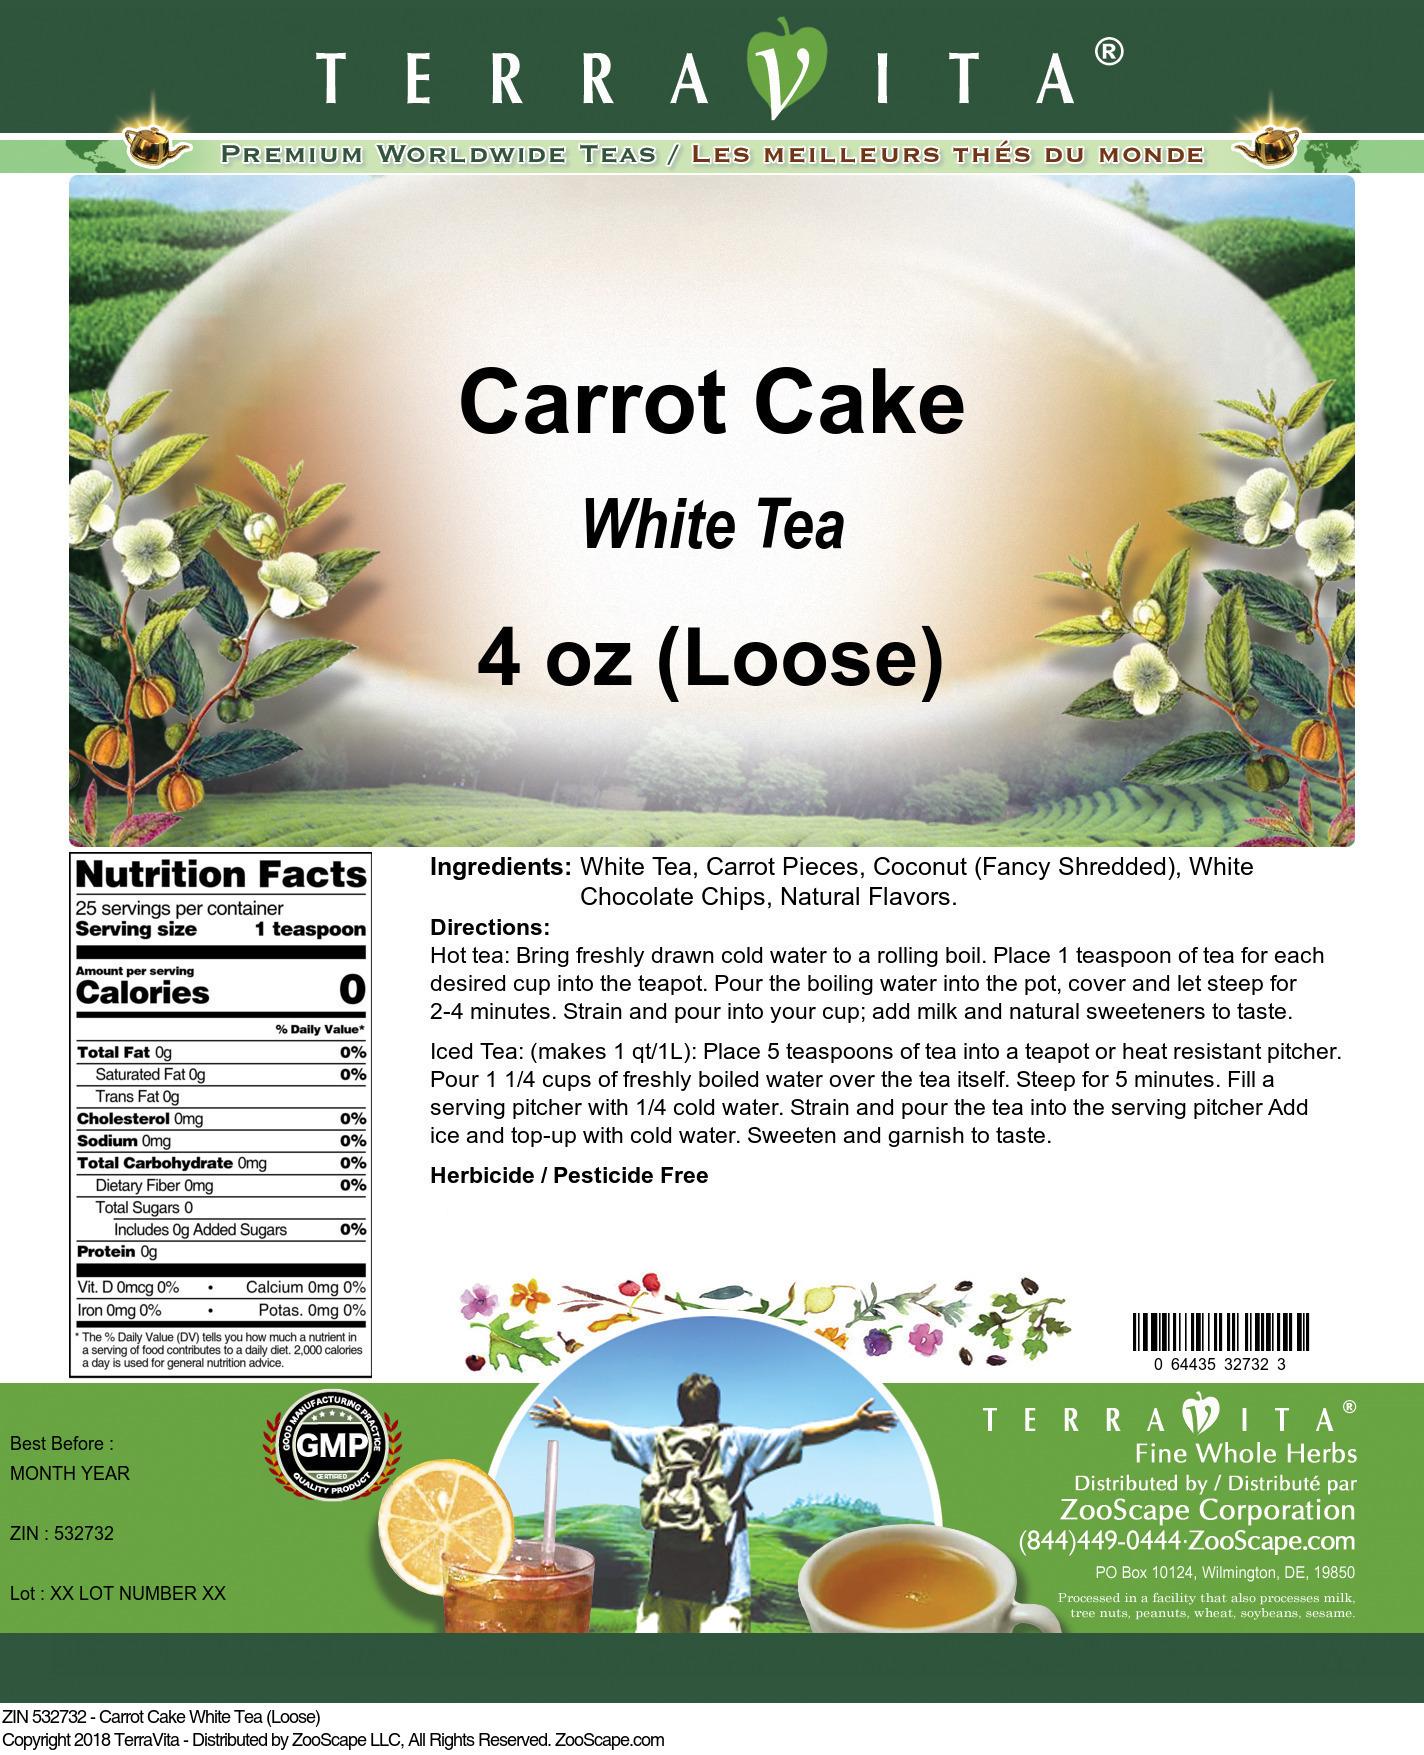 Carrot Cake White Tea (Loose)